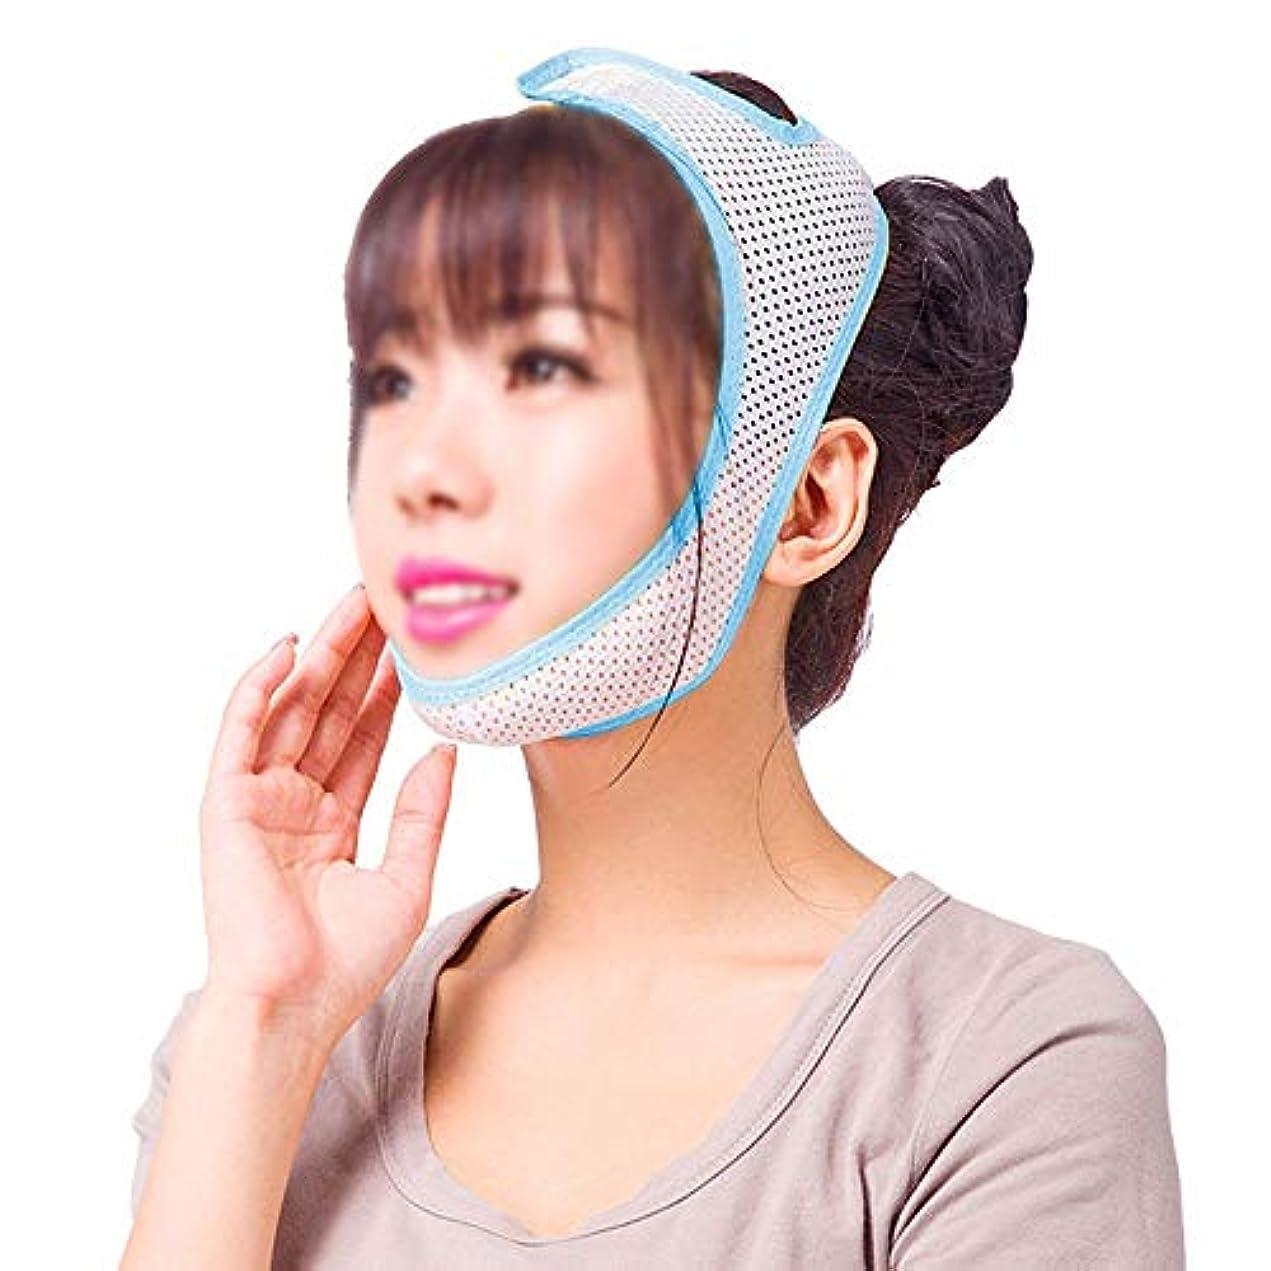 摩擦ちょうつがい思われるGLJJQMY 顔と首リフト薄いフェイスマスク強力なフェイスリフティングデバイスフェイスリフティング包帯アーティファクト薄いフェイスマスクフェイスリフティングツールフェイスリフティングデバイス 顔用整形マスク